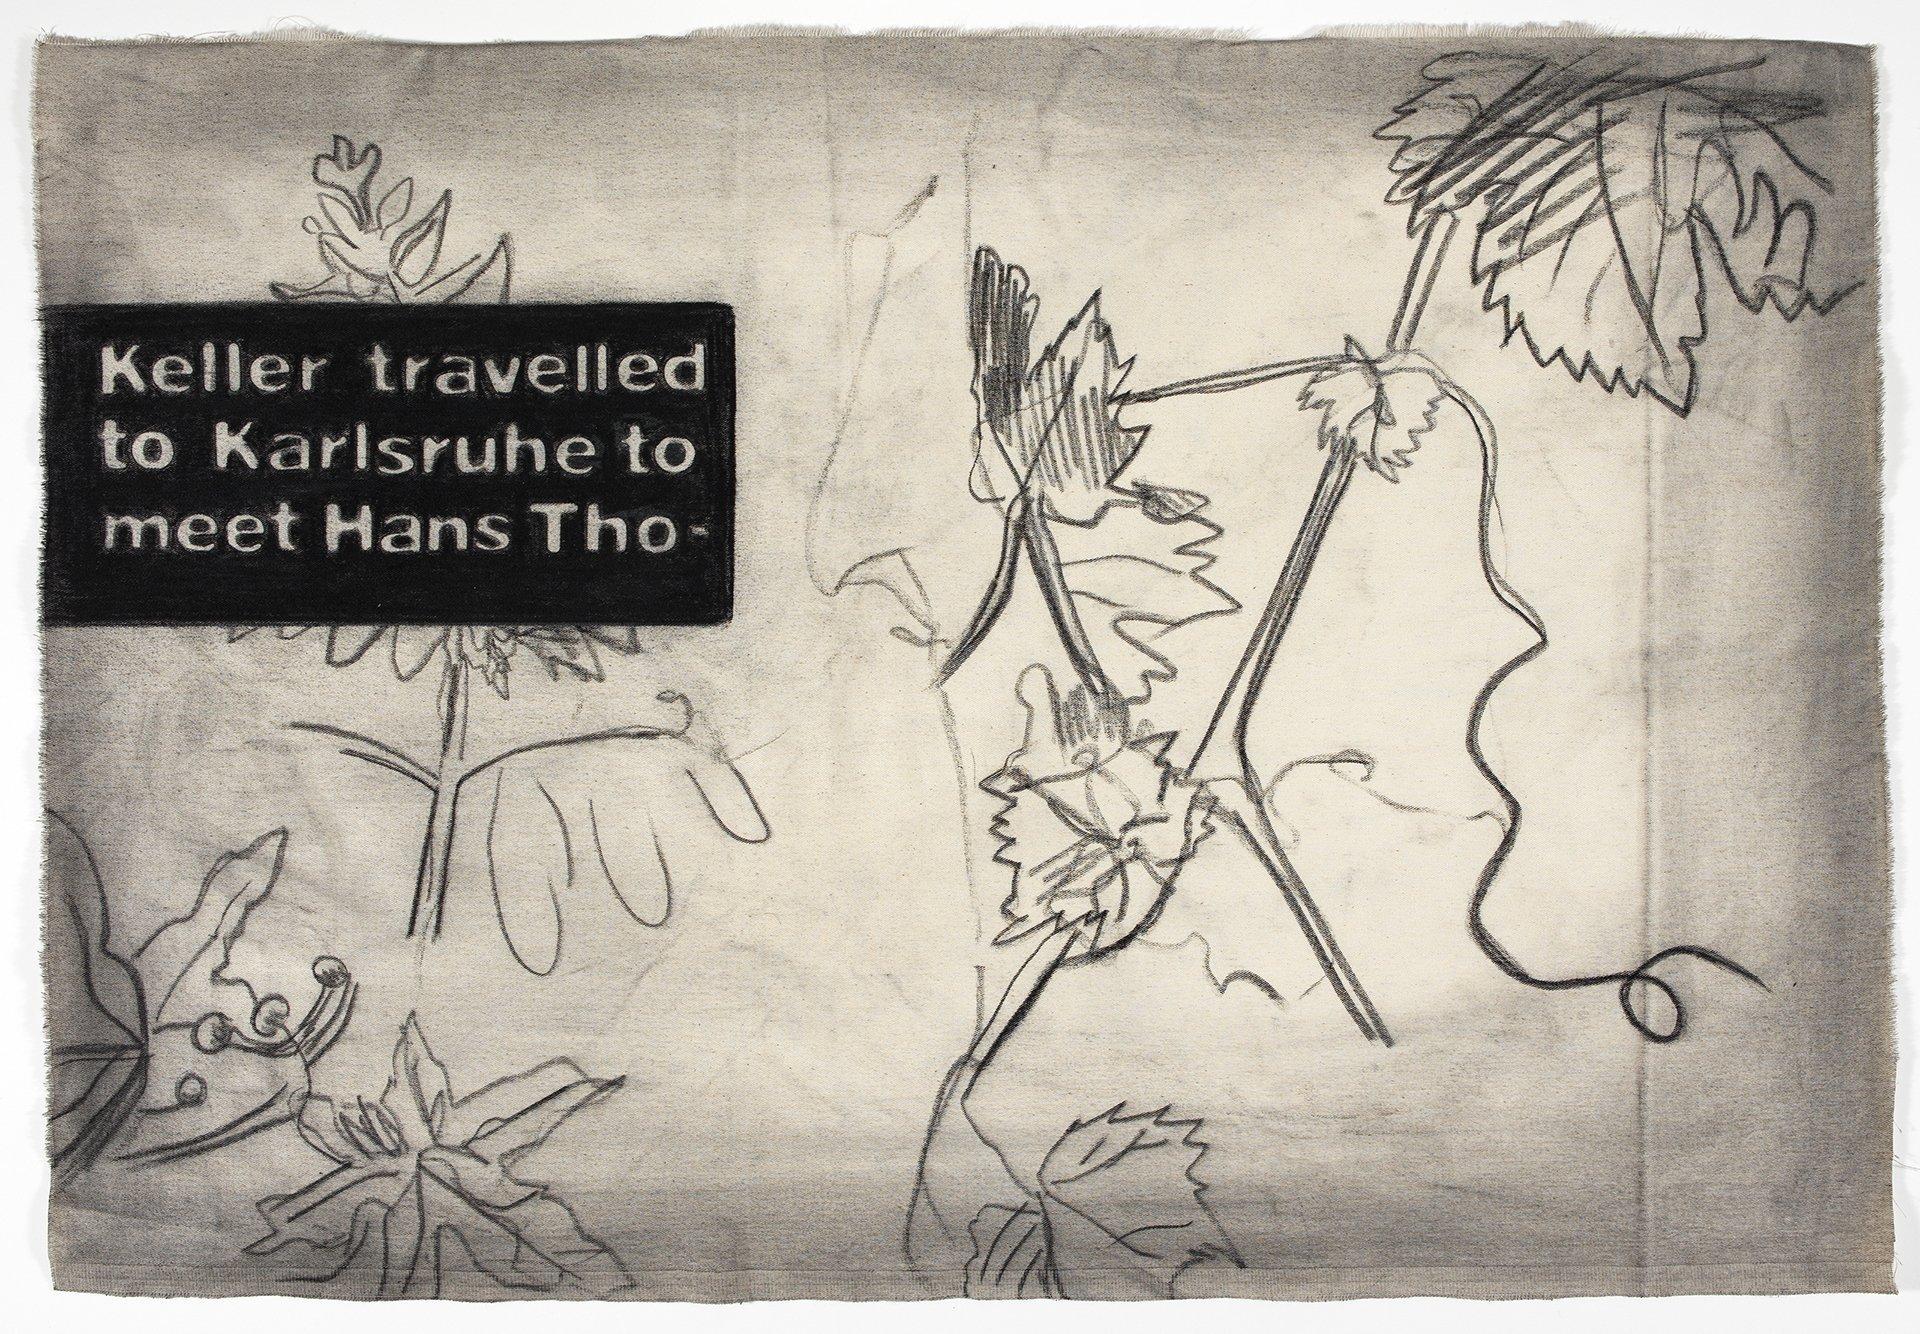 Abbildung einer Zeichnung aus der Bilderzählung Das Karlsruher Skizzenbuch des zeitgenössischen Künstlers Marcel van Eeden aus dem Jahr 2019